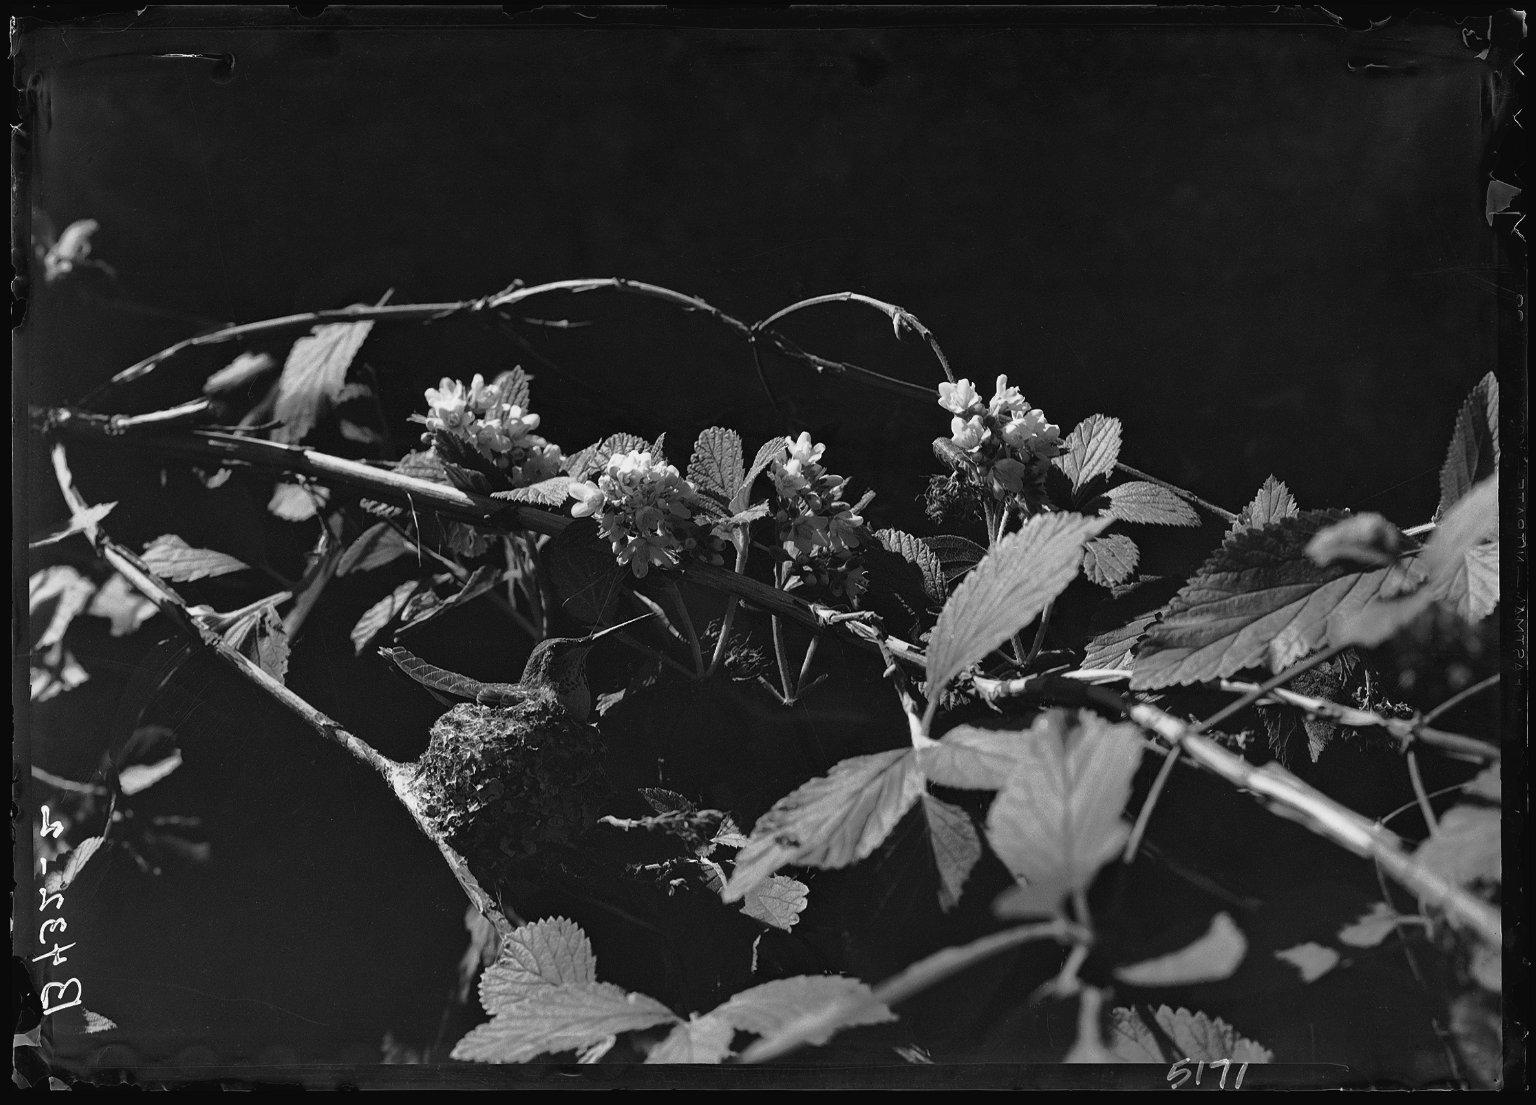 Broad-tailed Hummingbird on Nest